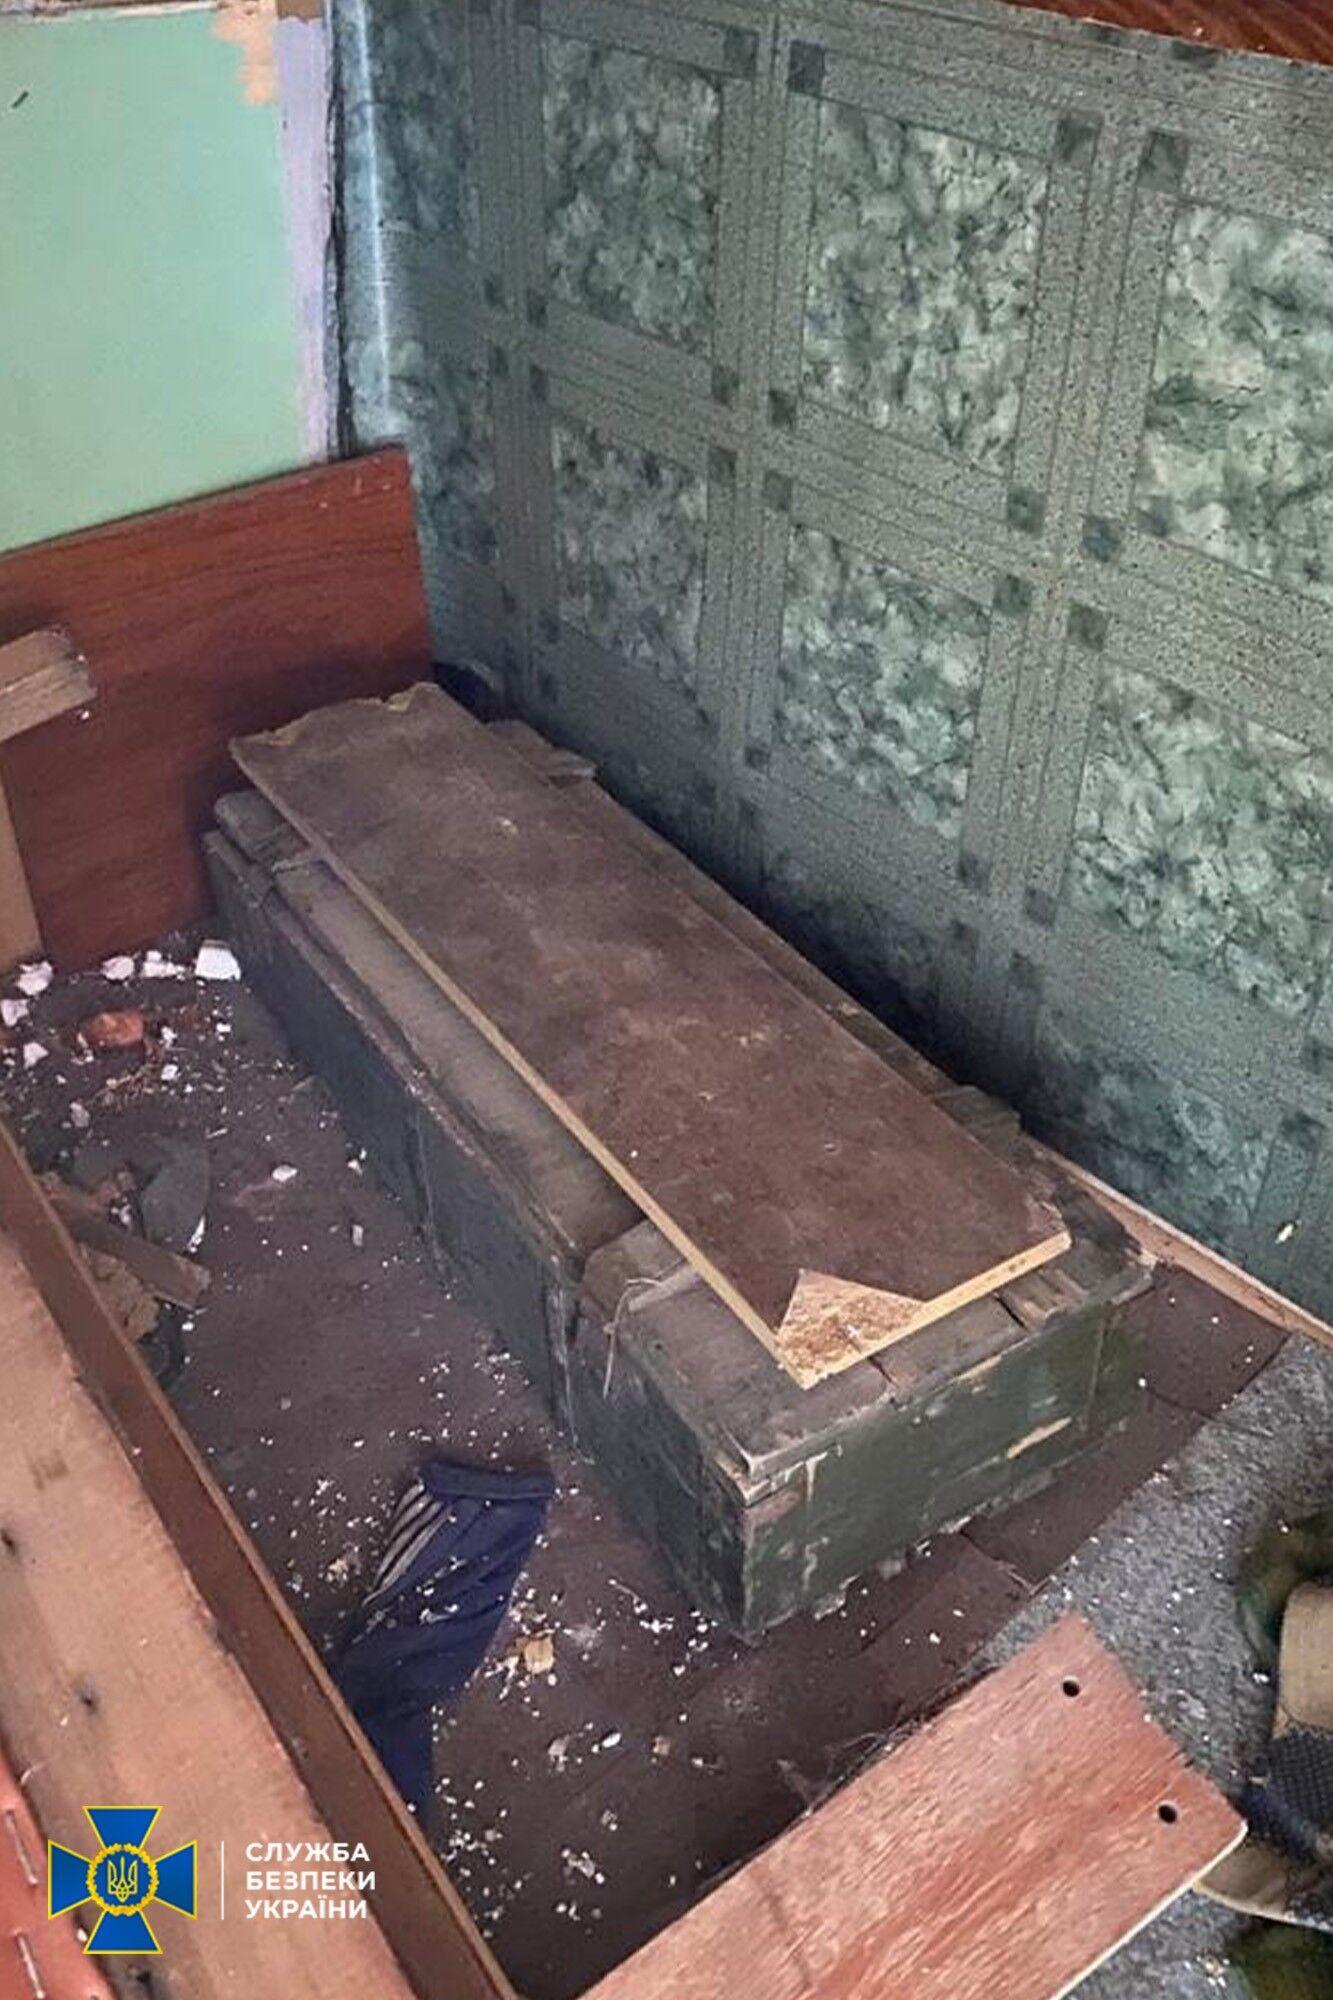 Тайник был в заброшенном здании.